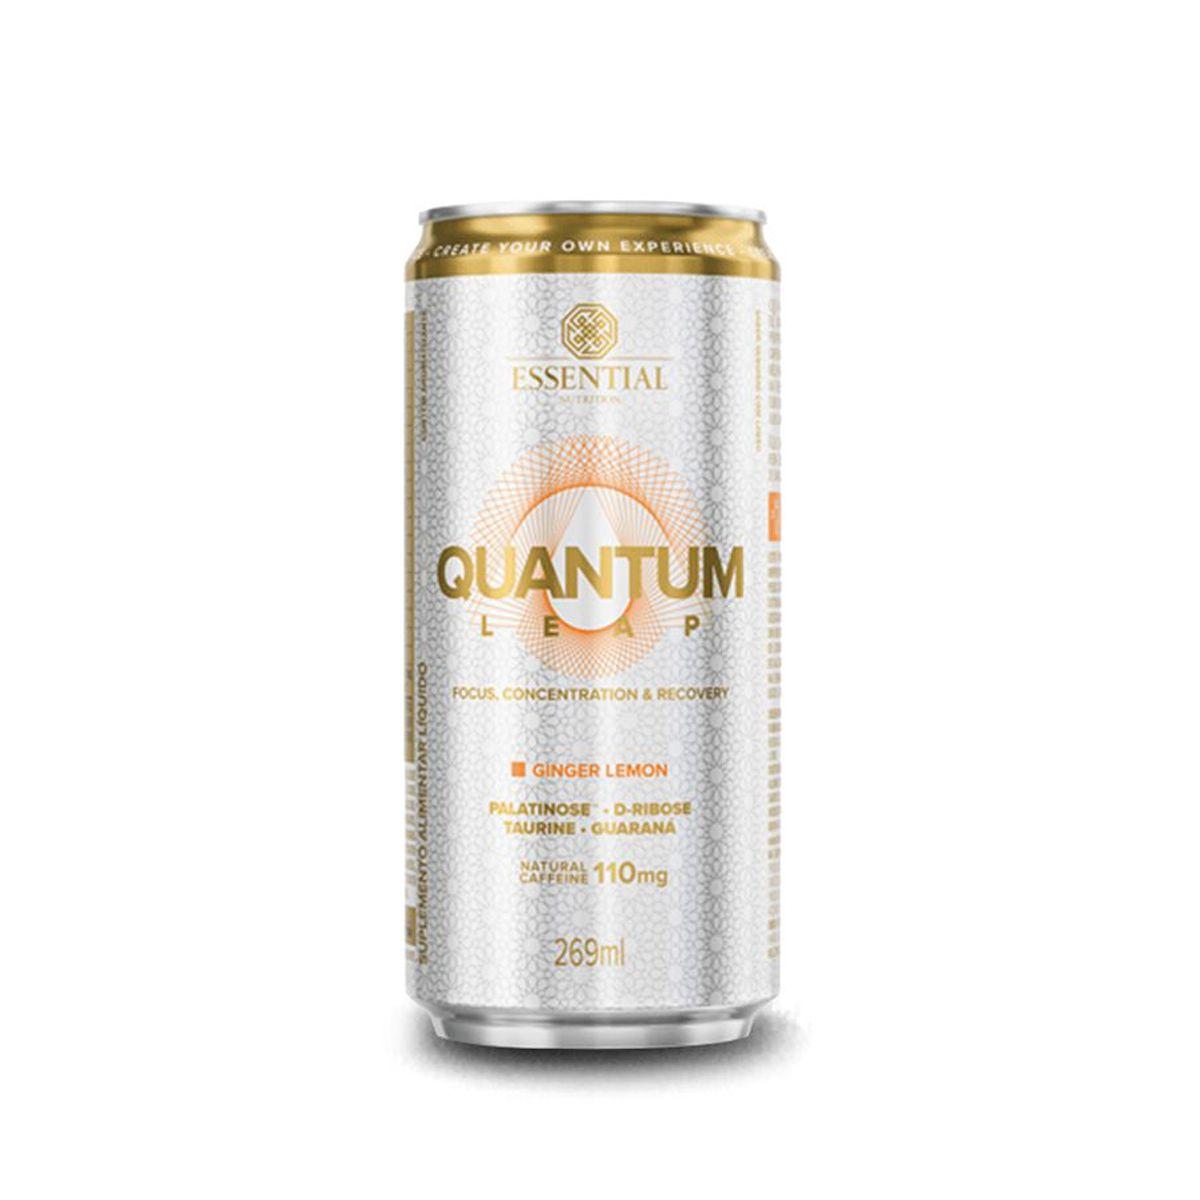 Quantum Leap - 269ml - Essential Nutrition